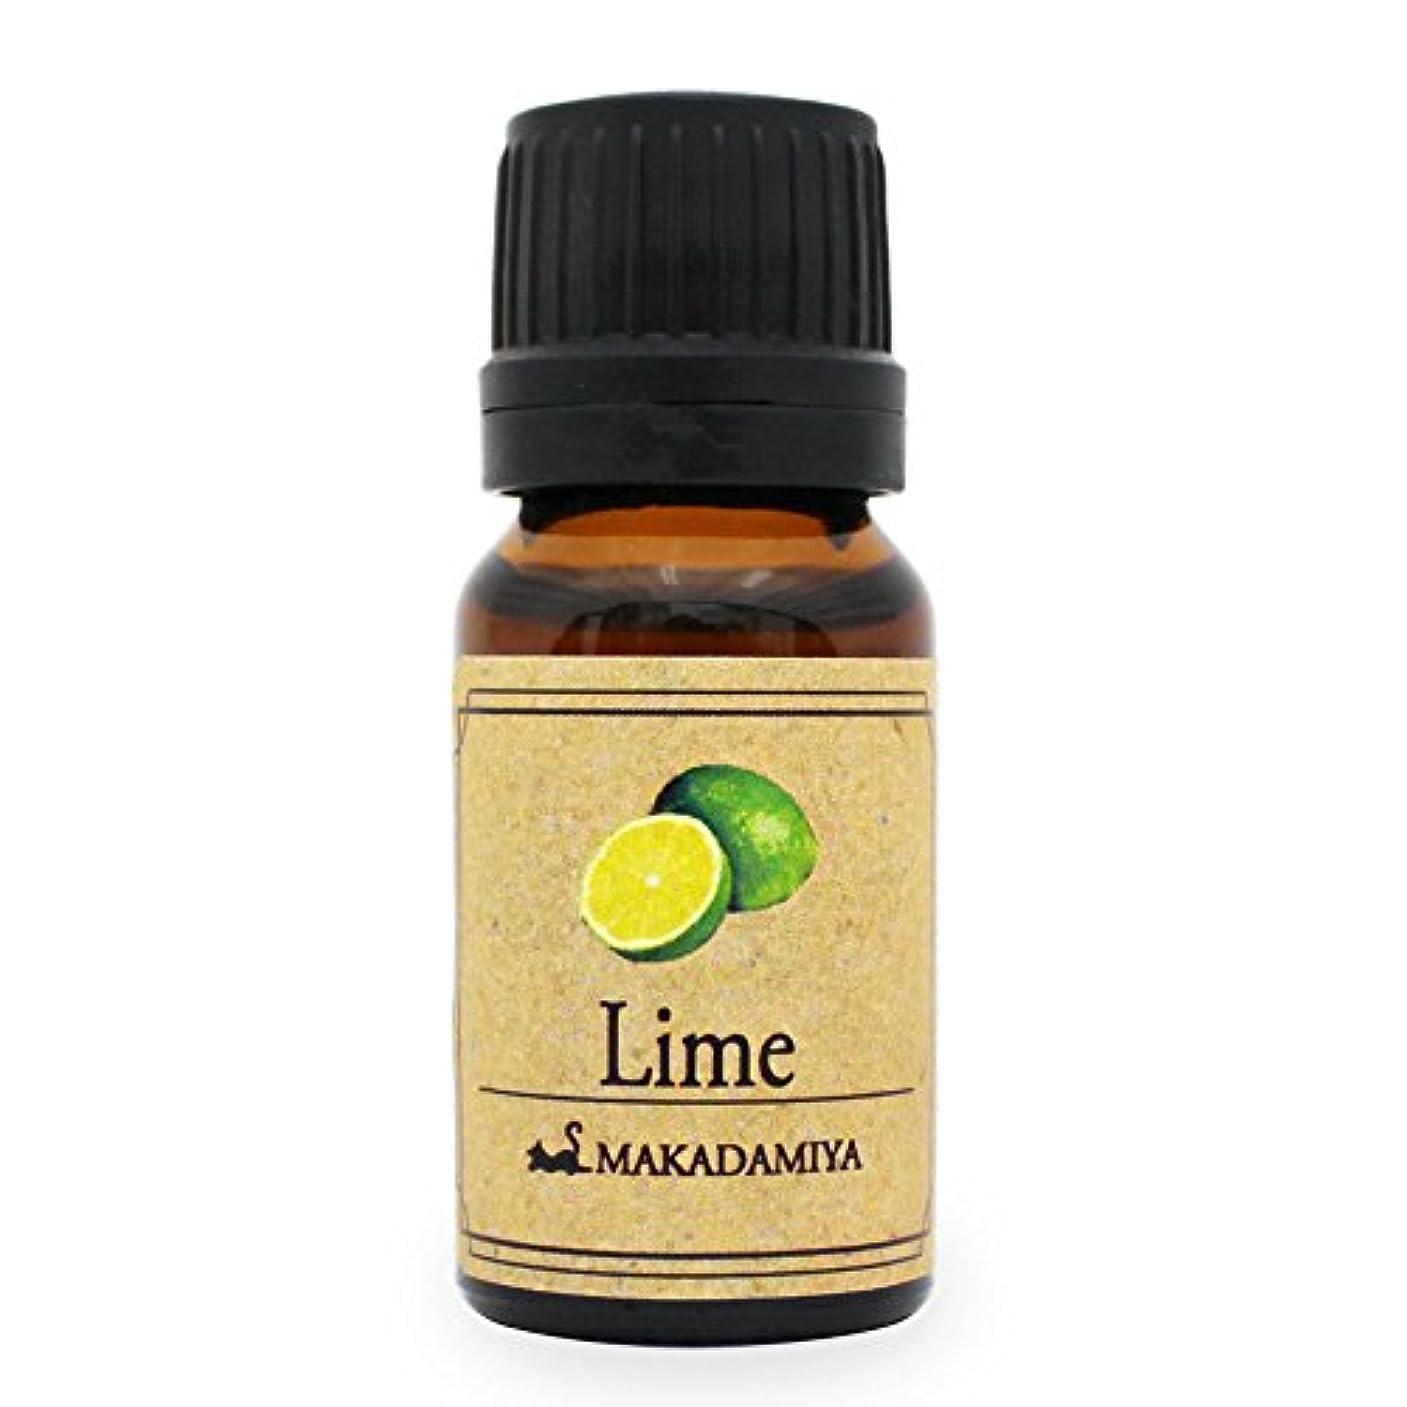 敏感な年金打たれたトラックライム10ml 天然100%植物性 エッセンシャルオイル(精油) アロマオイル アロママッサージ aroma Lime